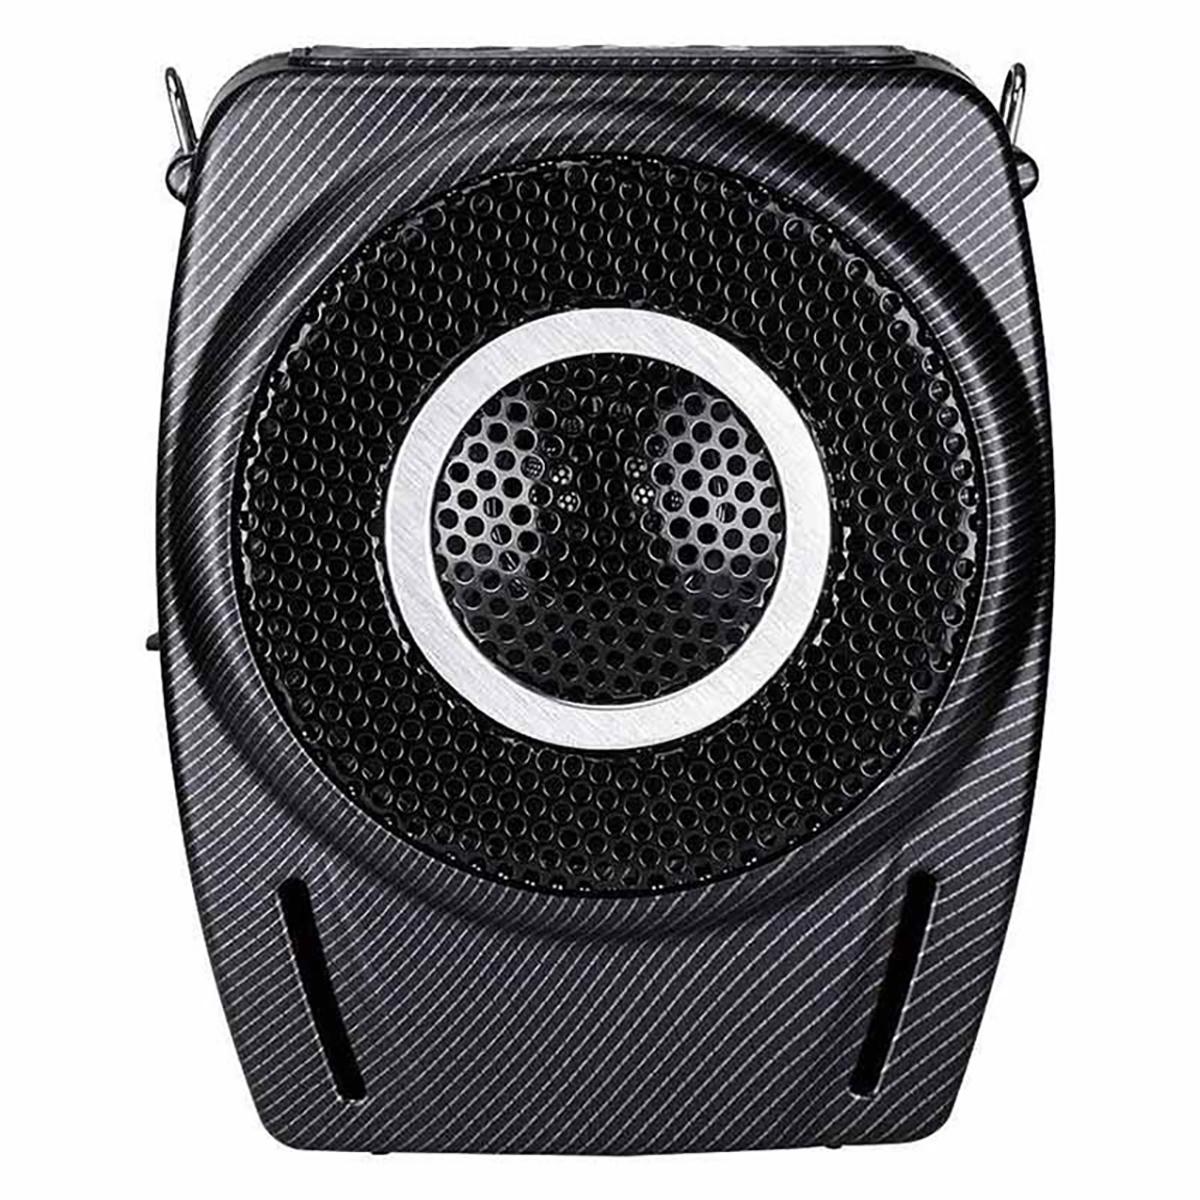 Máy trợ giảng TAKSTAR E8M mic có dây - AVSTAR , Công suất lớn, giáo viên, hướng dẫn viên, hàng chính hãng